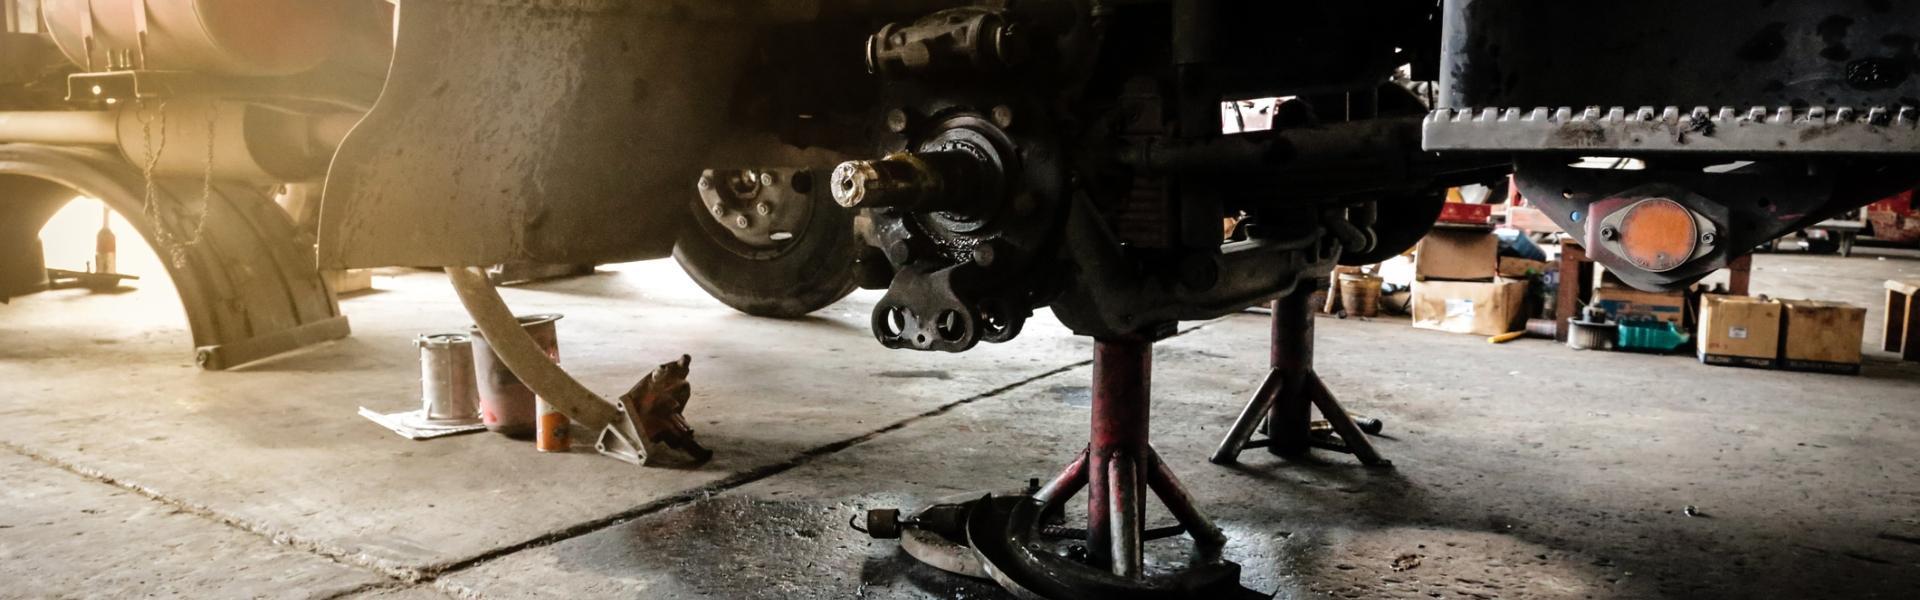 Samochód w warsztacie podczas naprawy